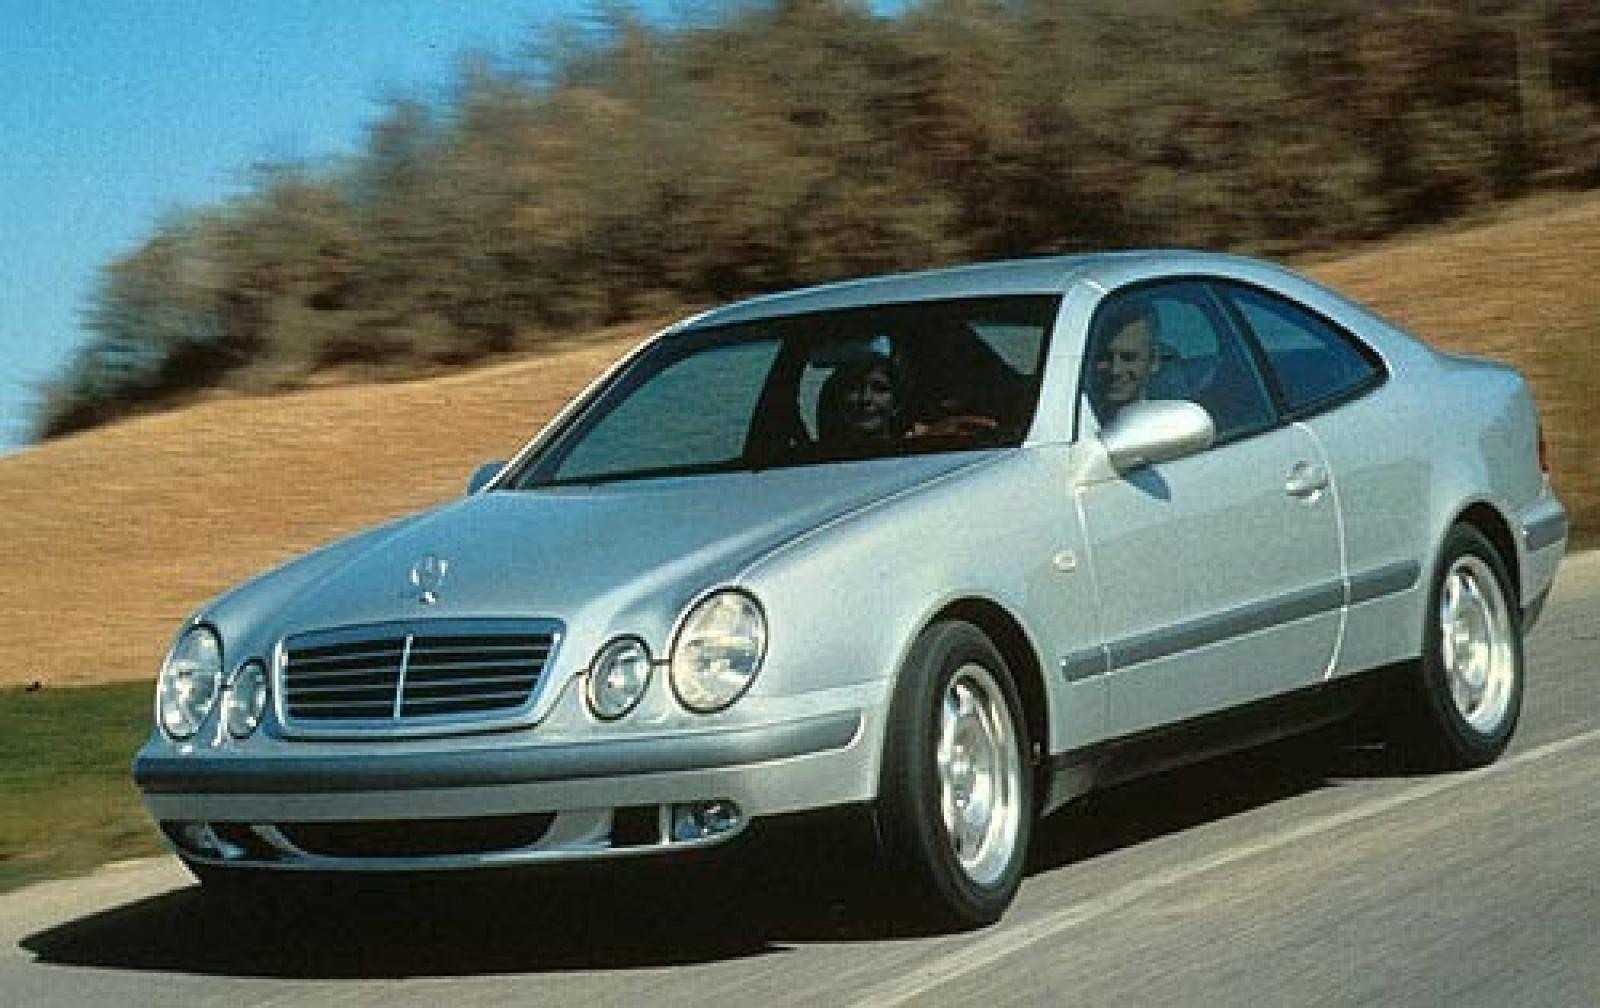 1998 mercedes benz clk class information and photos for Mercedes benz s class 1998